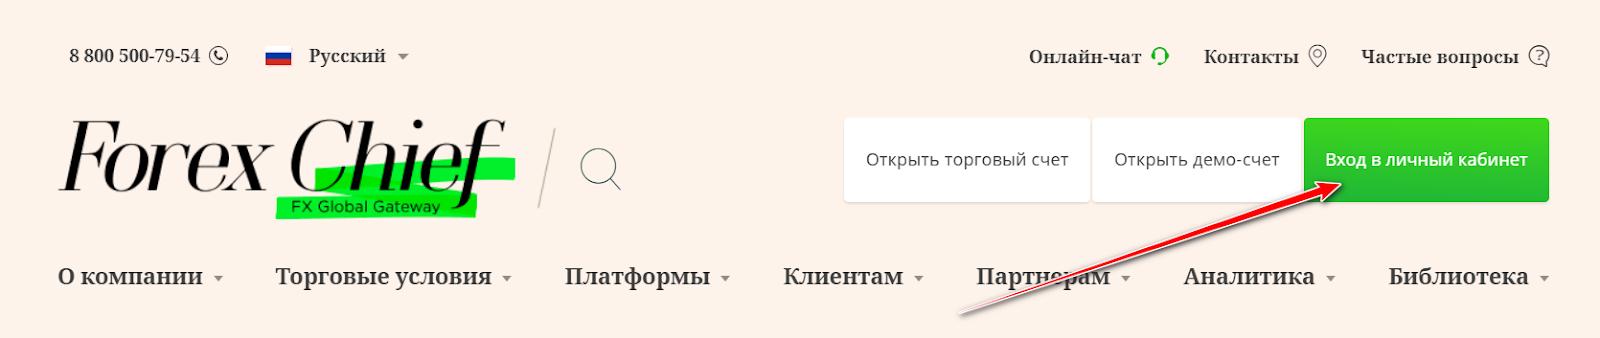 Обзор Forex Chief - Личный кабинет